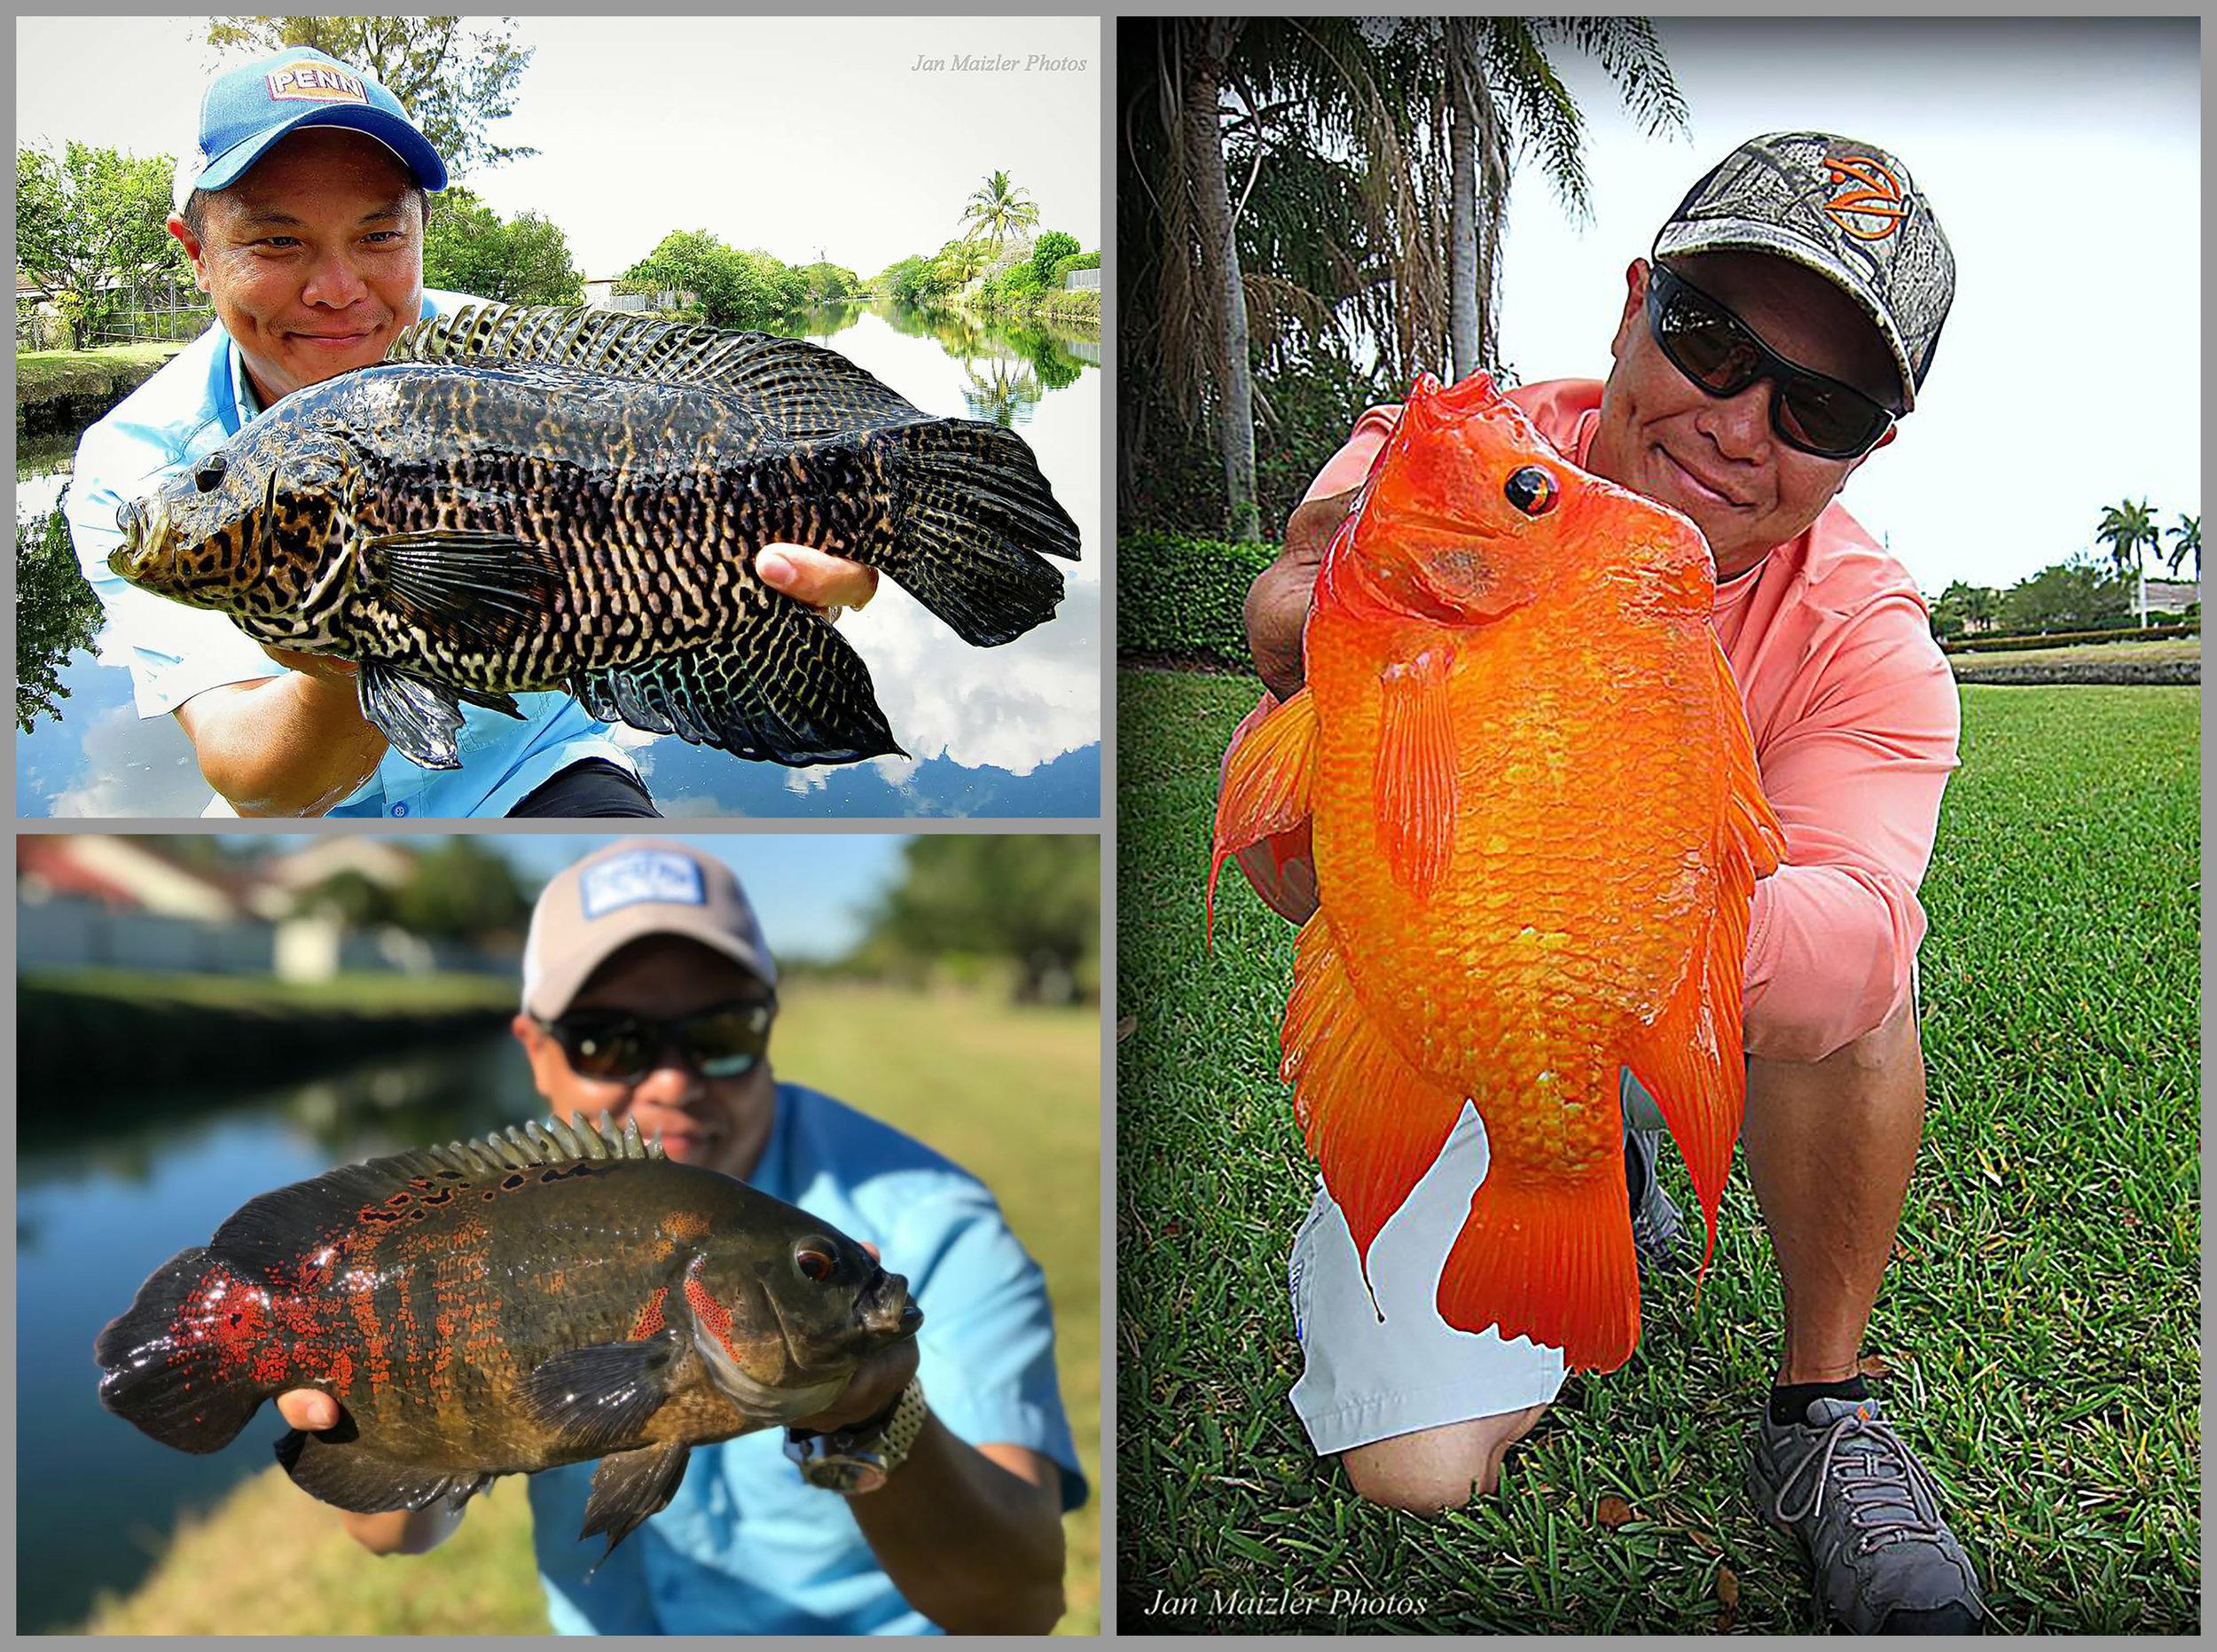 Top left - Jaguar Guapote image by Jan Maizler, Right - Midas cichlid image by Jan Maizler, Bottom left – Tiger Oscar cichlid.